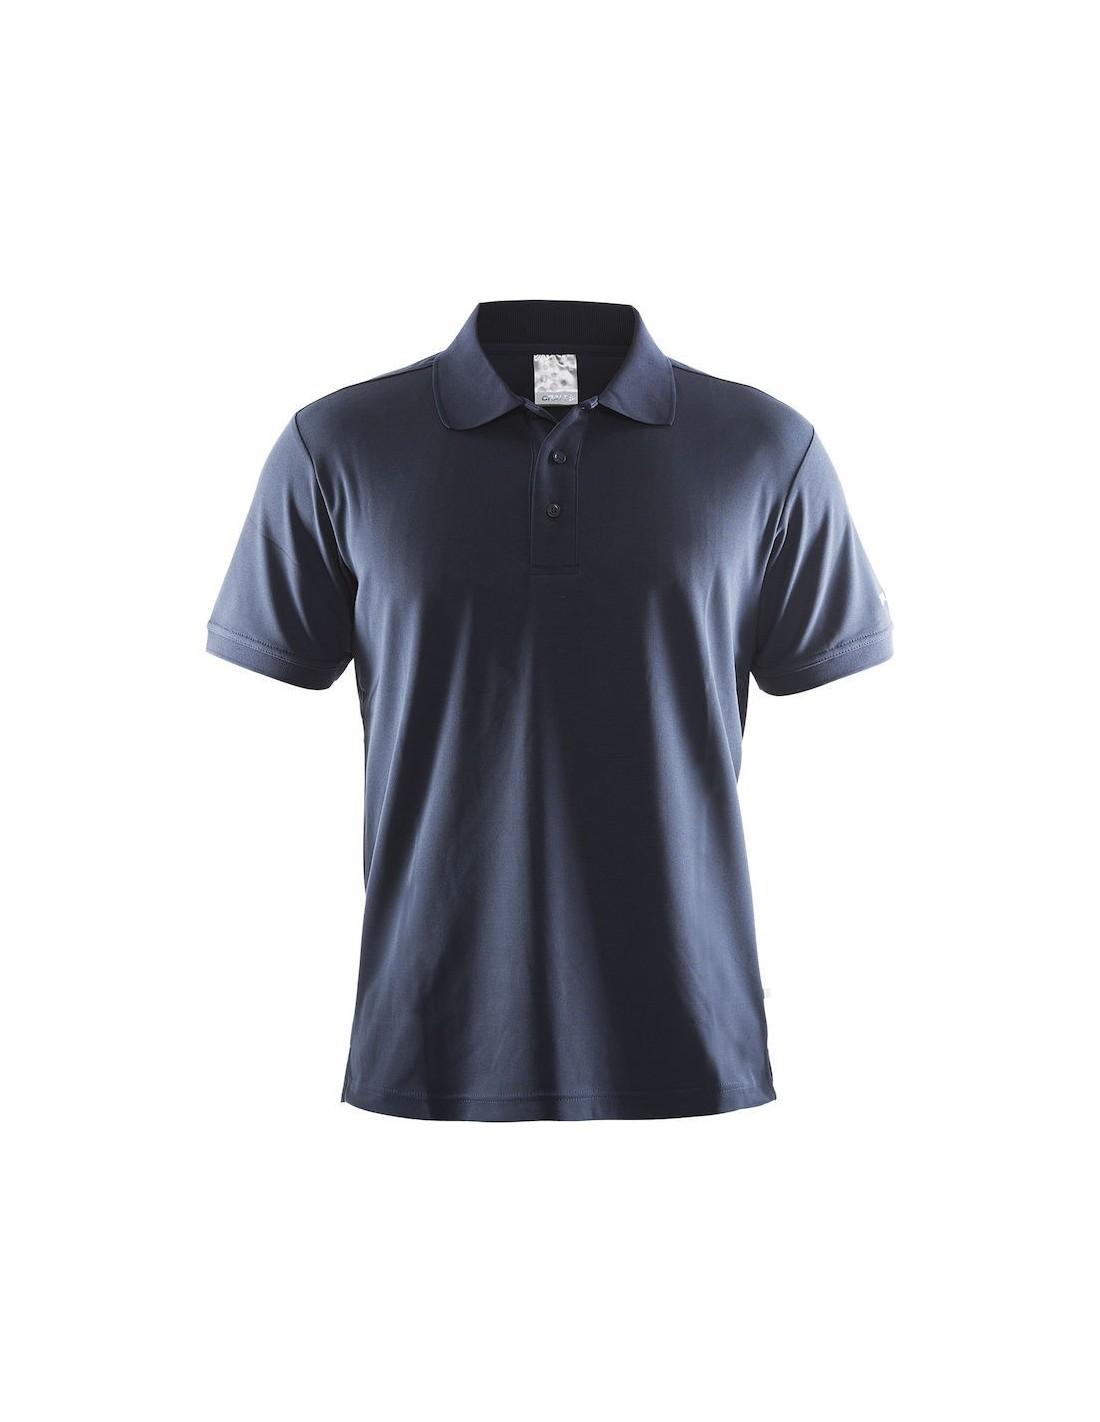 fb617fe15eeb9c Koszulka męska Craft Polo Shirt Pique Classic granatowa - STSklep